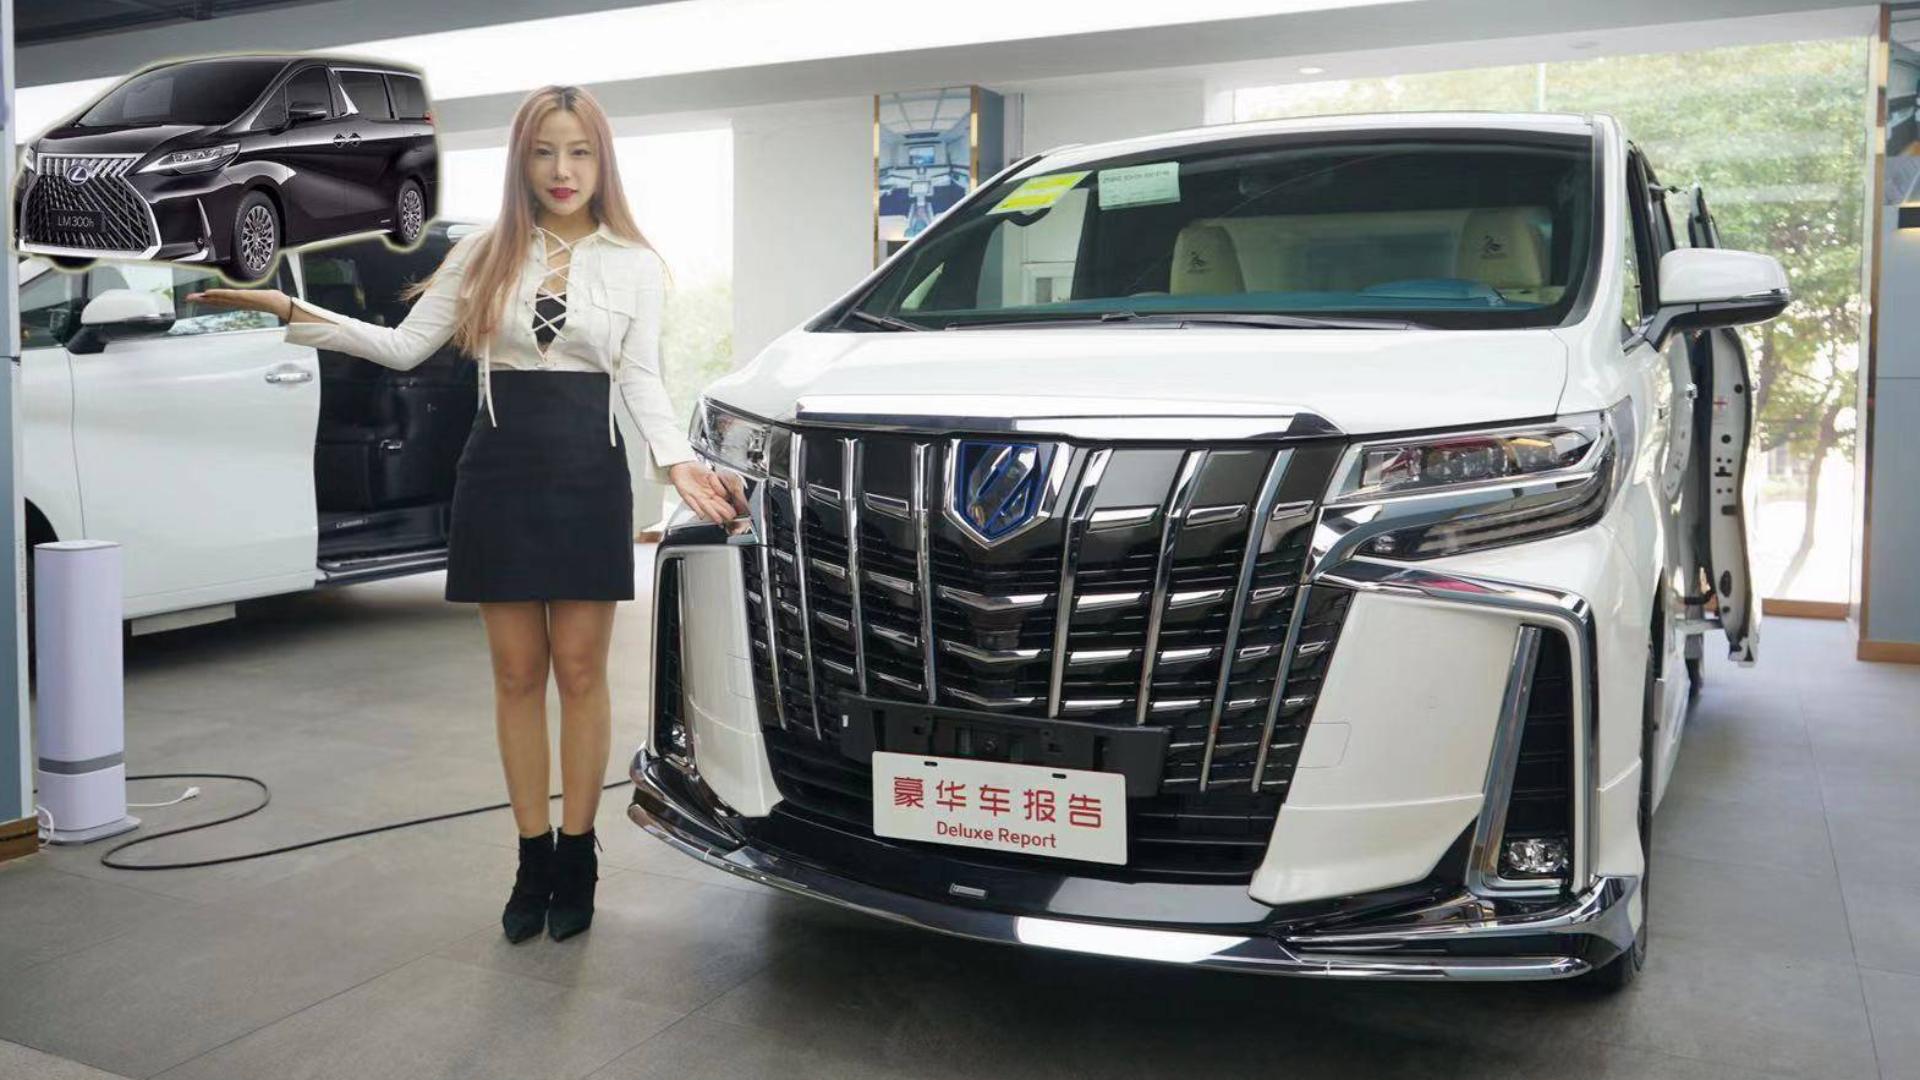 给丰田蒙娜丽莎换个标,变成雷克萨斯牌MPV,多花100万你愿意吗?